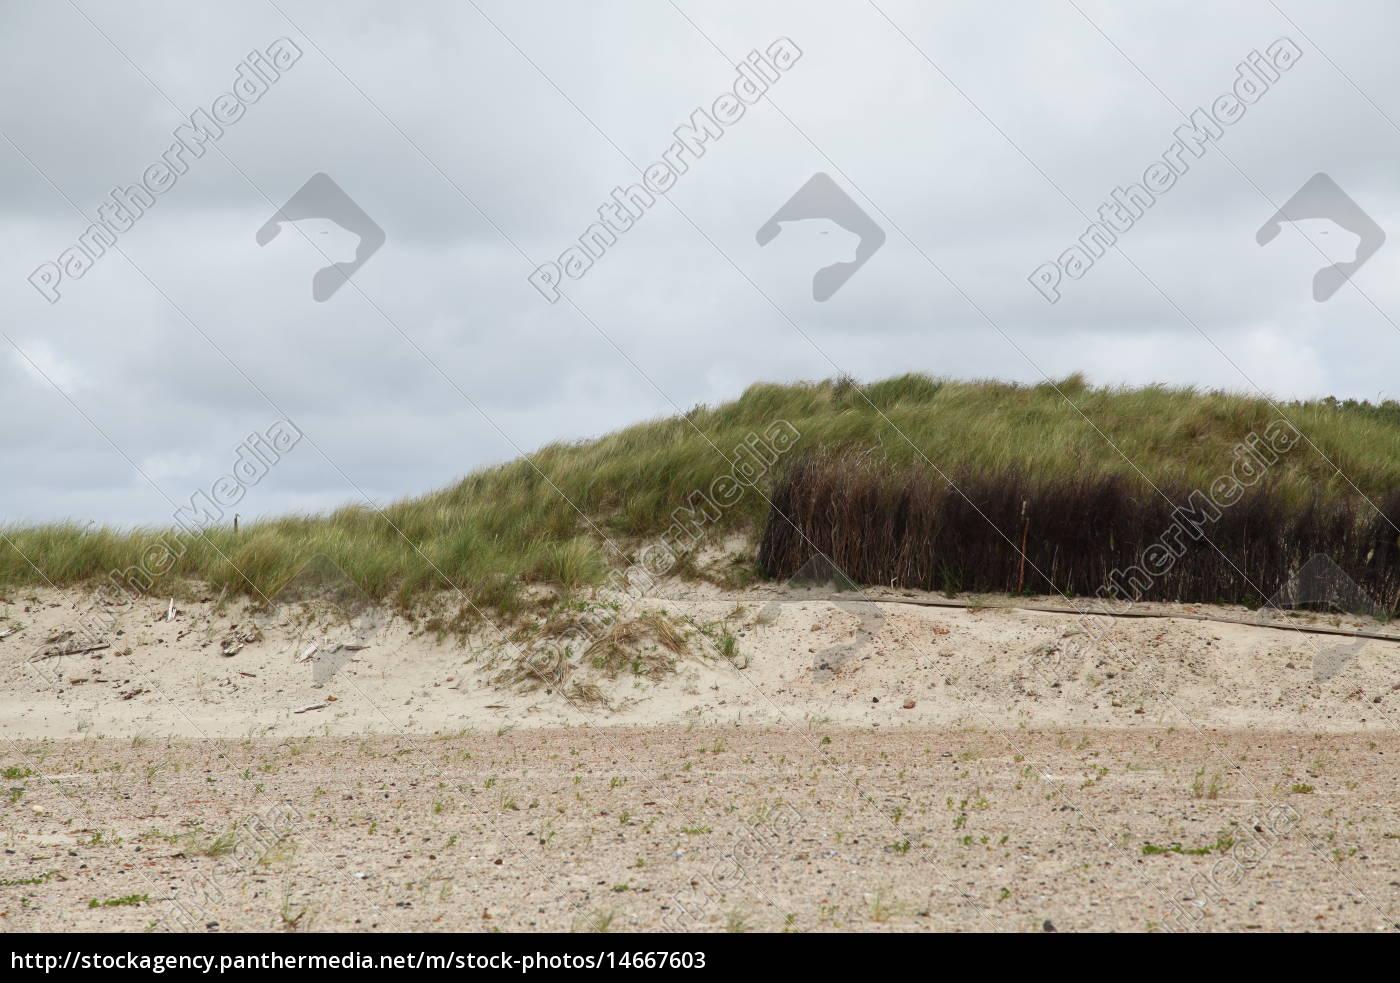 medio ambiente, fiesta, vacaciones, playa, la playa, orilla del mar - 14667603